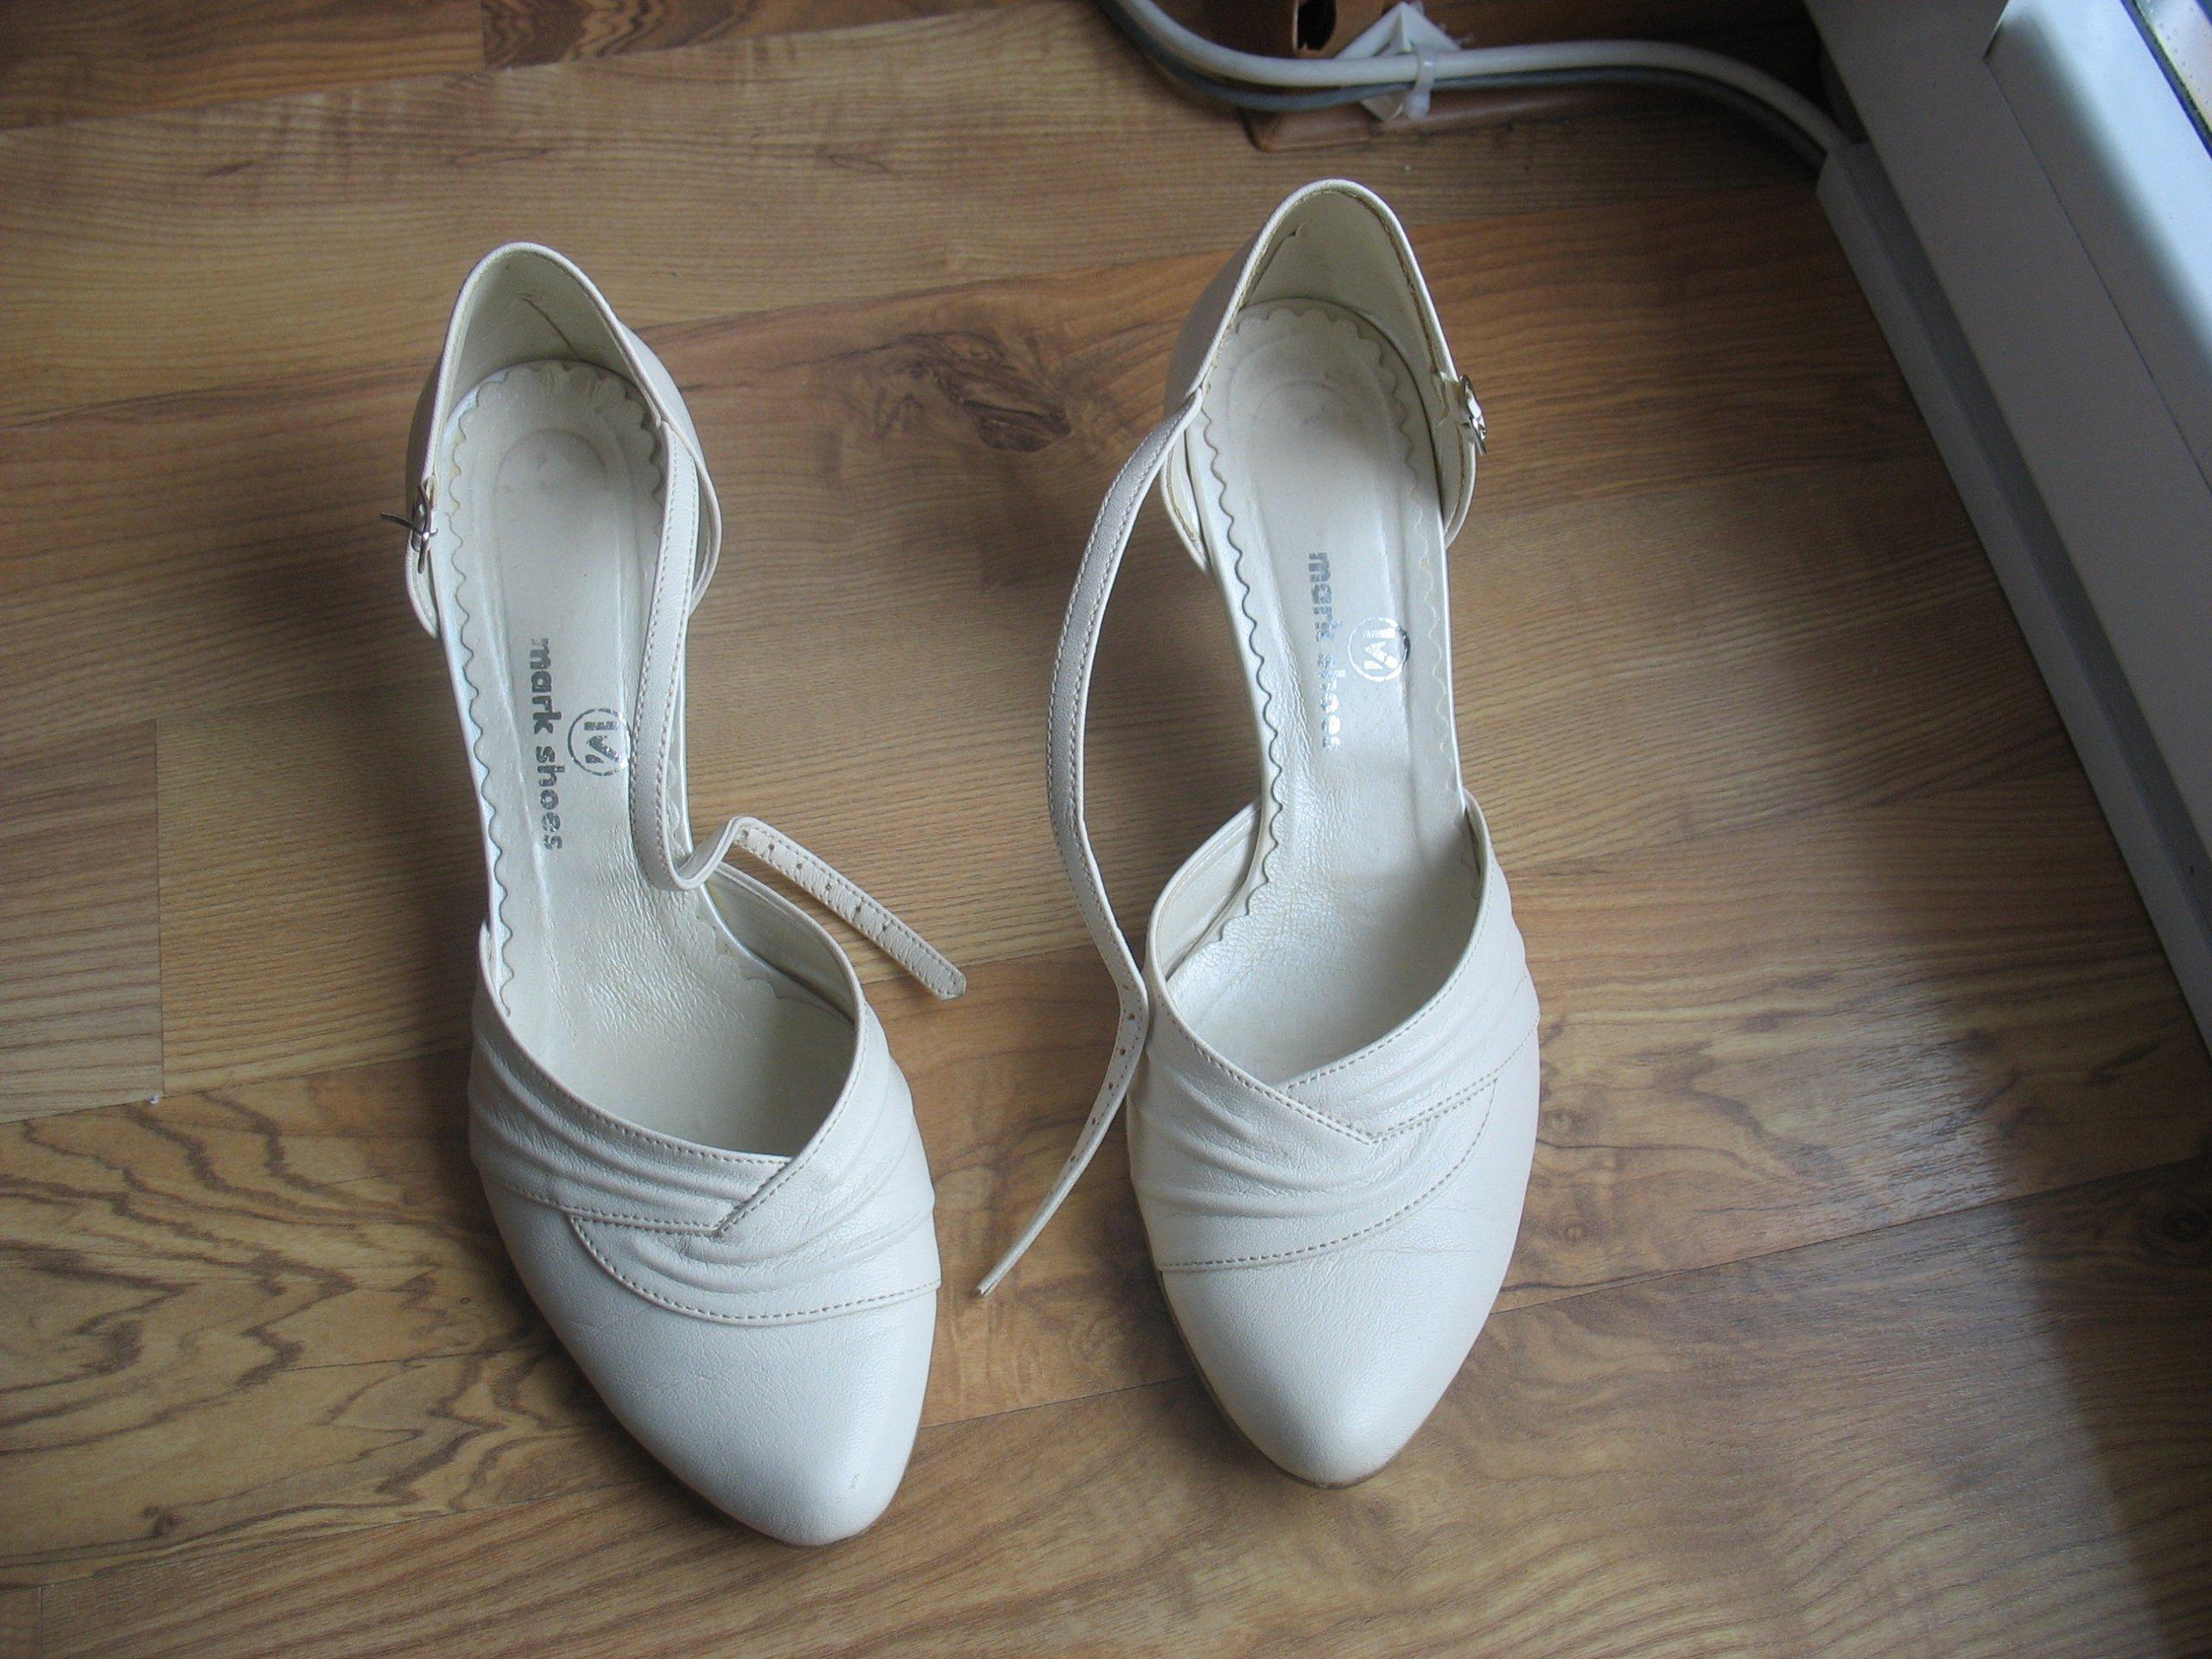 12247d32 Buty ślubne Mark Shoes rozmiar 38, kolor ecru eko - 7320535834 - oficjalne  archiwum allegro